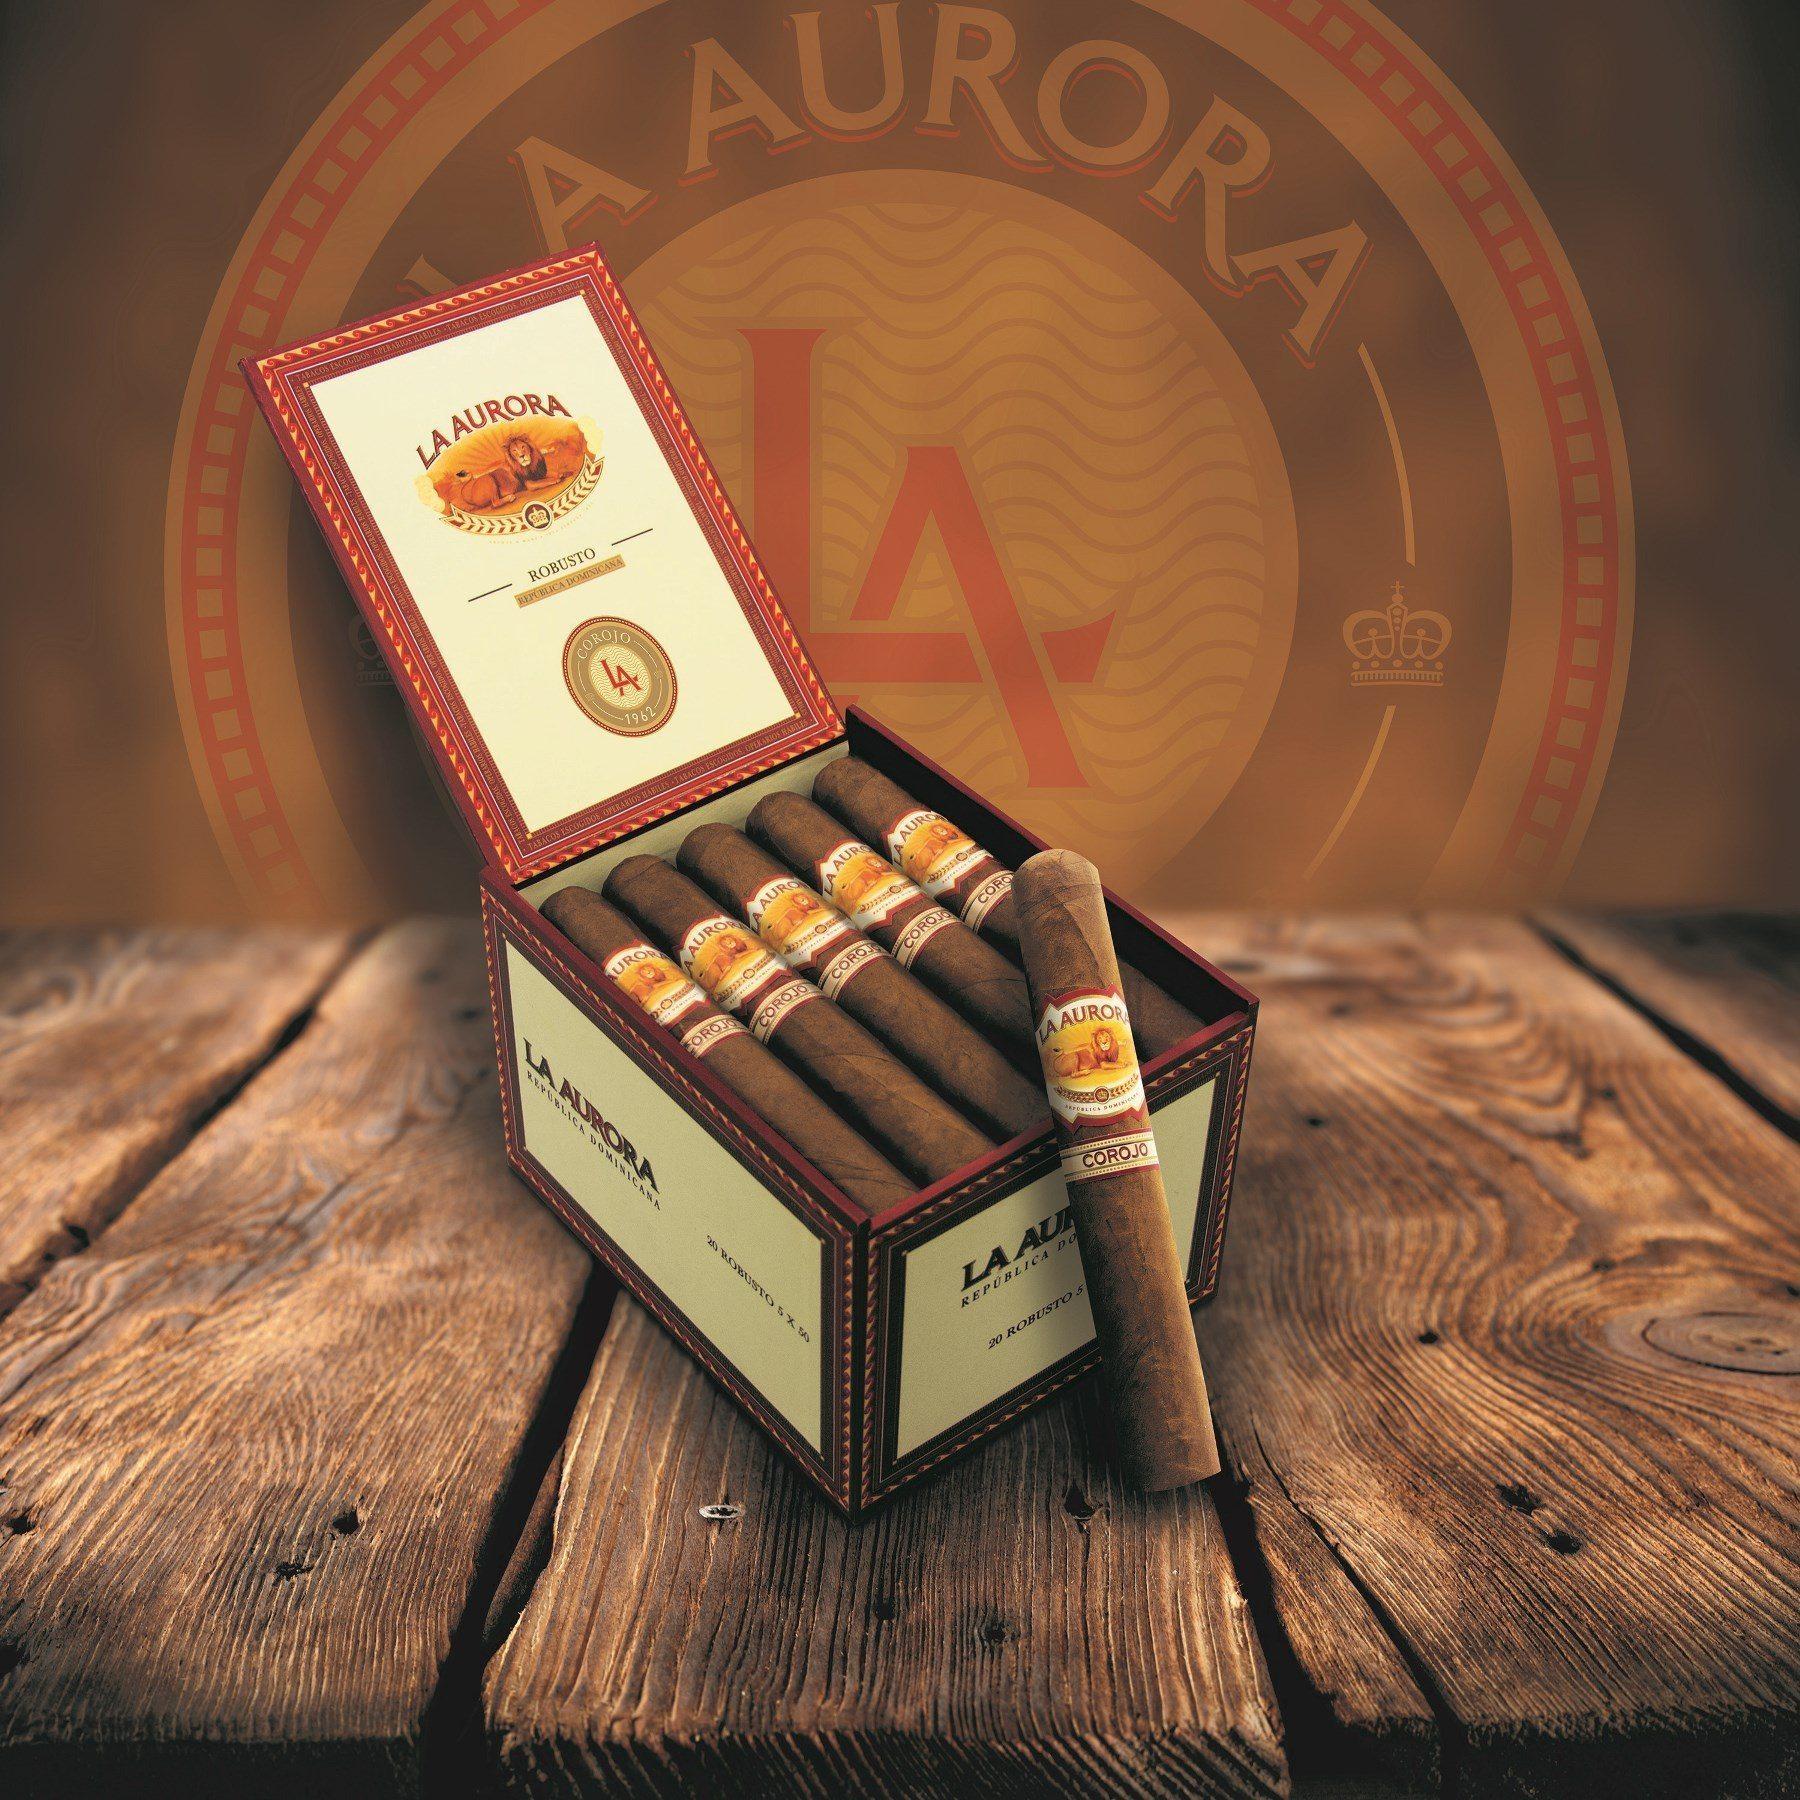 Cigar News: La Aurora Announces 1962 Corojo and 1987 Connecticut